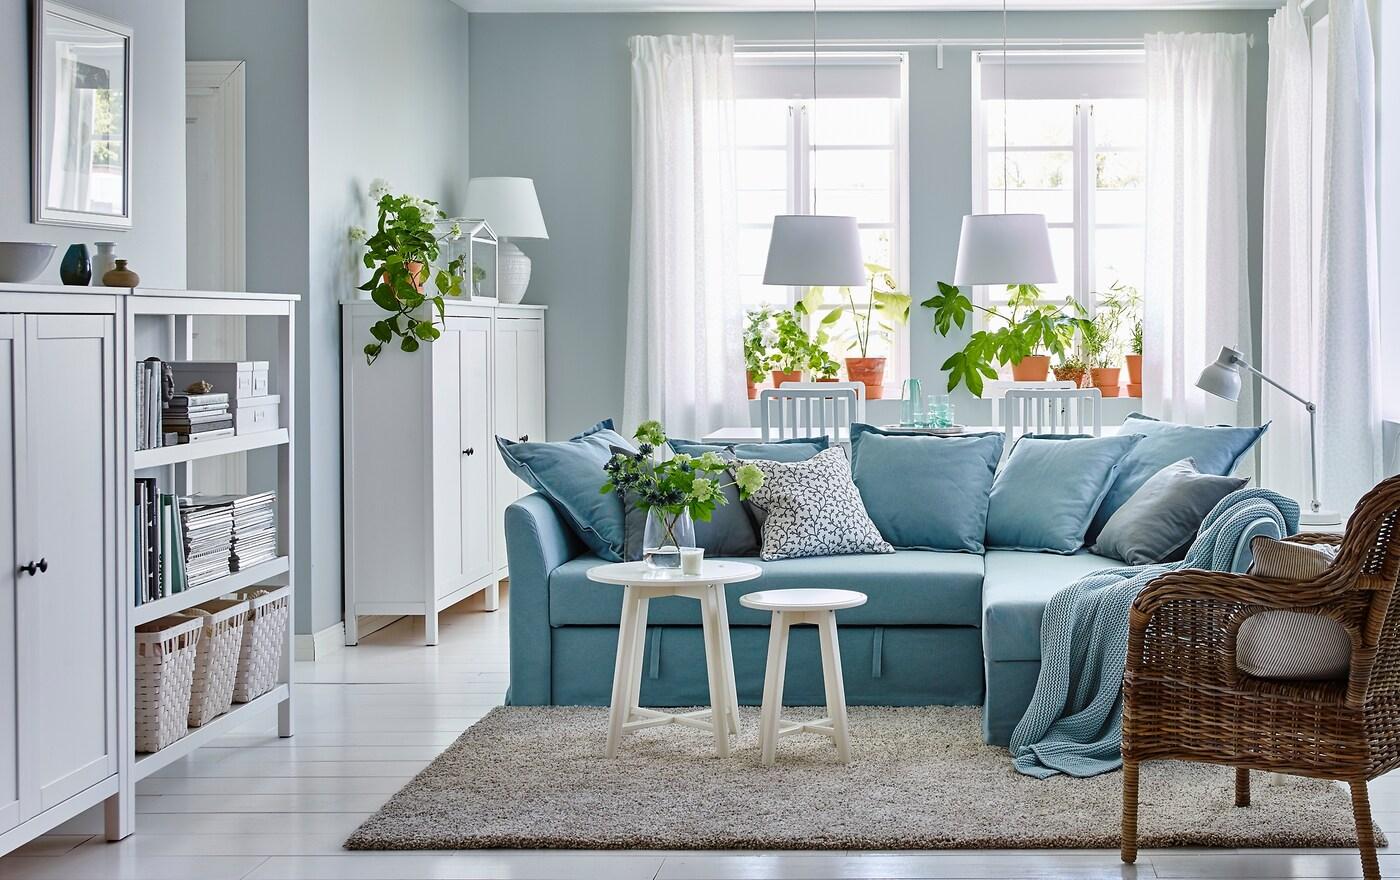 Luo rauhallinen rentoutumispaikka. Sinivalkoinen olohuone/ruokailutila, jossa on vaaleansininen sohva. Perinteinen IKEA HOLMSUND-kulmavuodesohva, vaaleansininen Orrsta-päällinen.